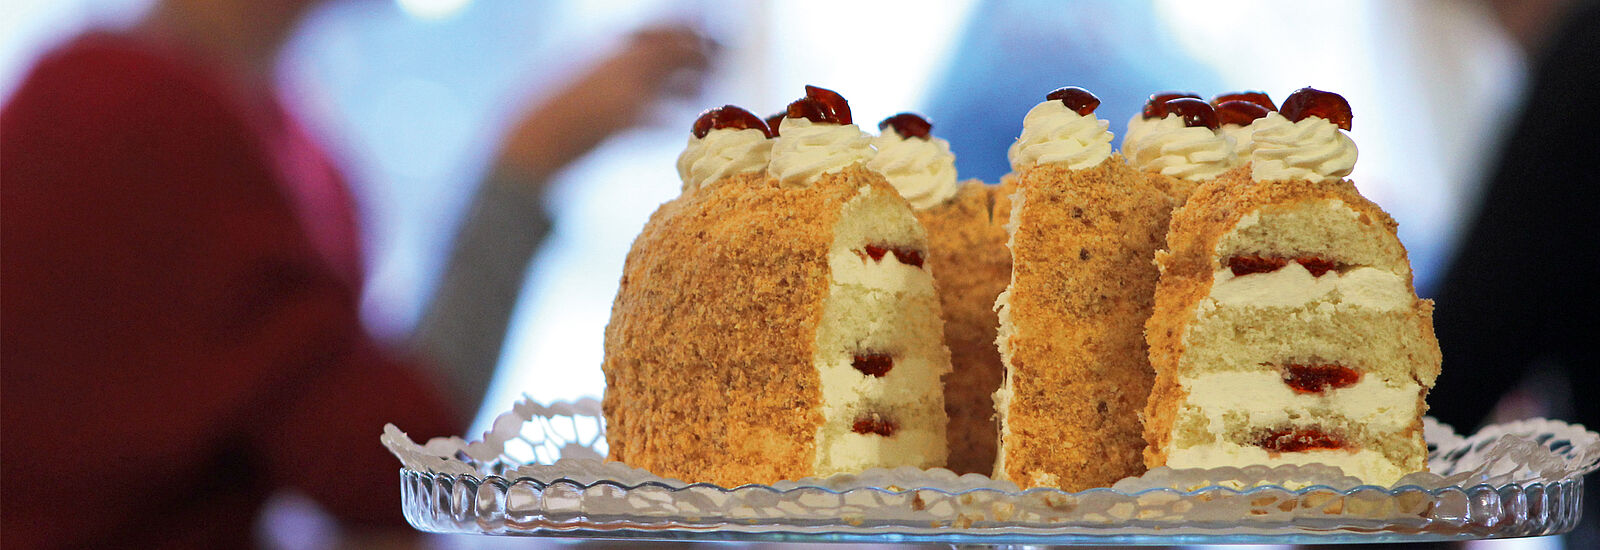 """The """"Gothaer Kranz"""" crown cake © KulTourStadt"""